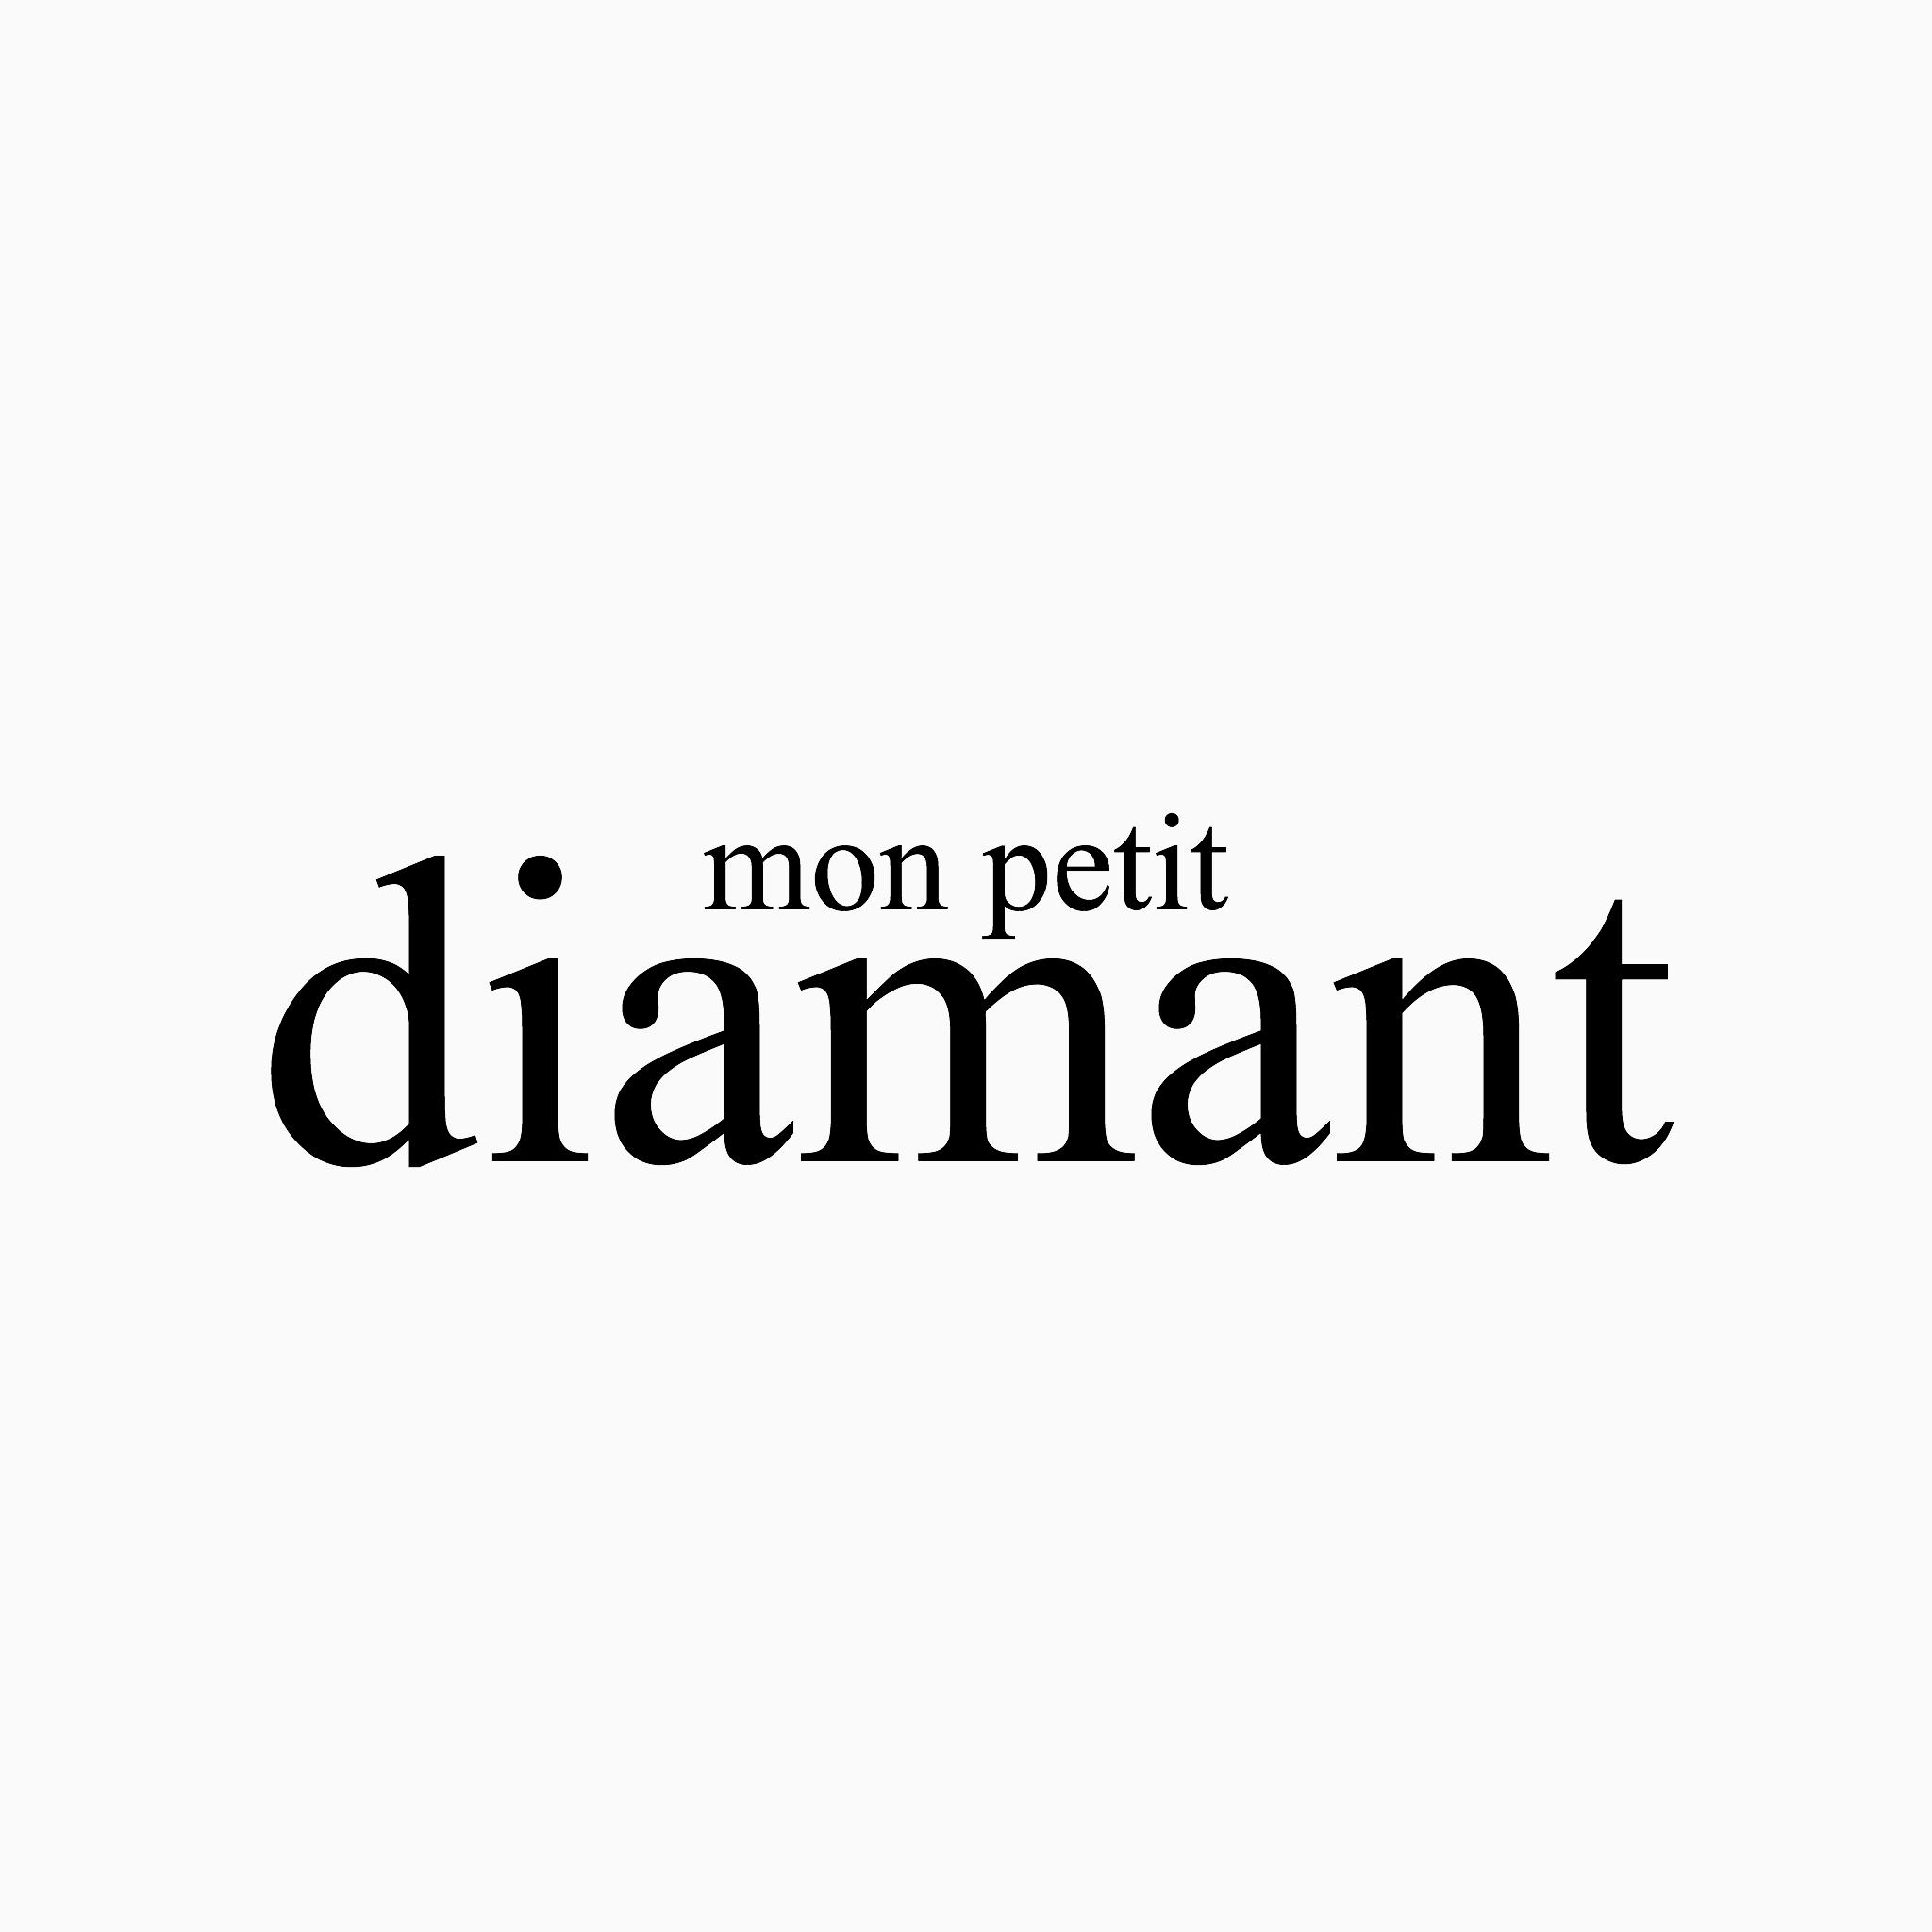 mon petit diamant